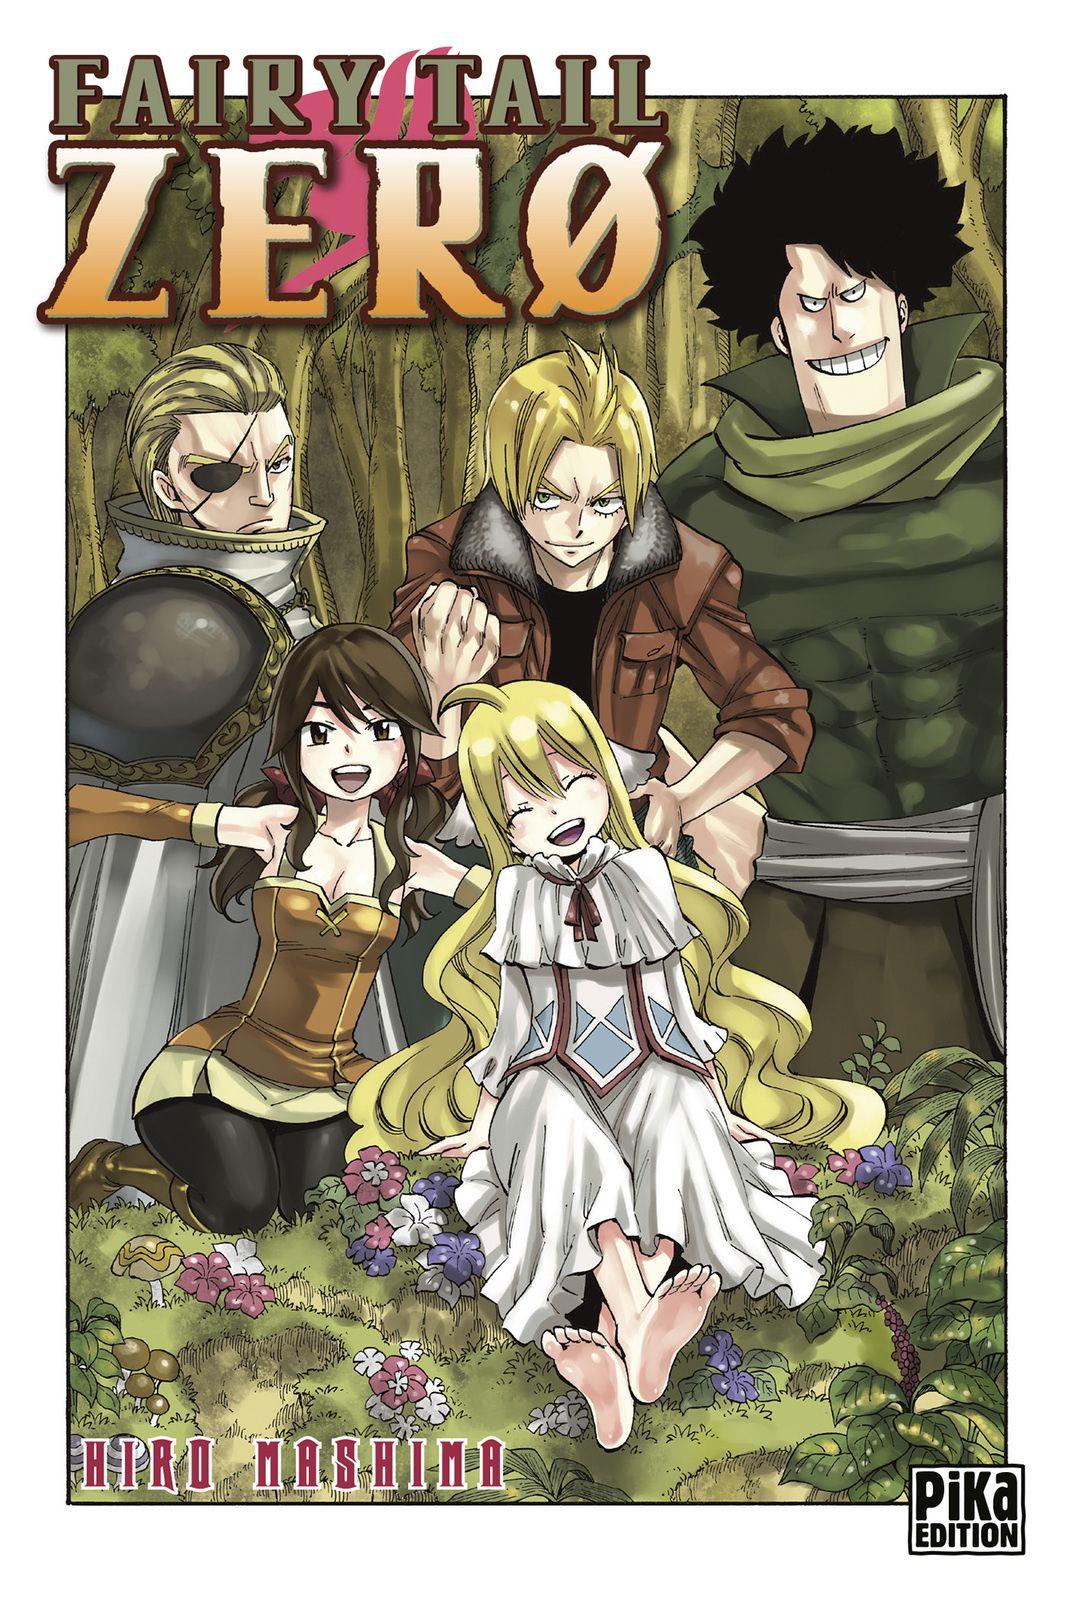 Fairy Tail Zerø Mavis, Zera, Yuri, Warrod and Precht